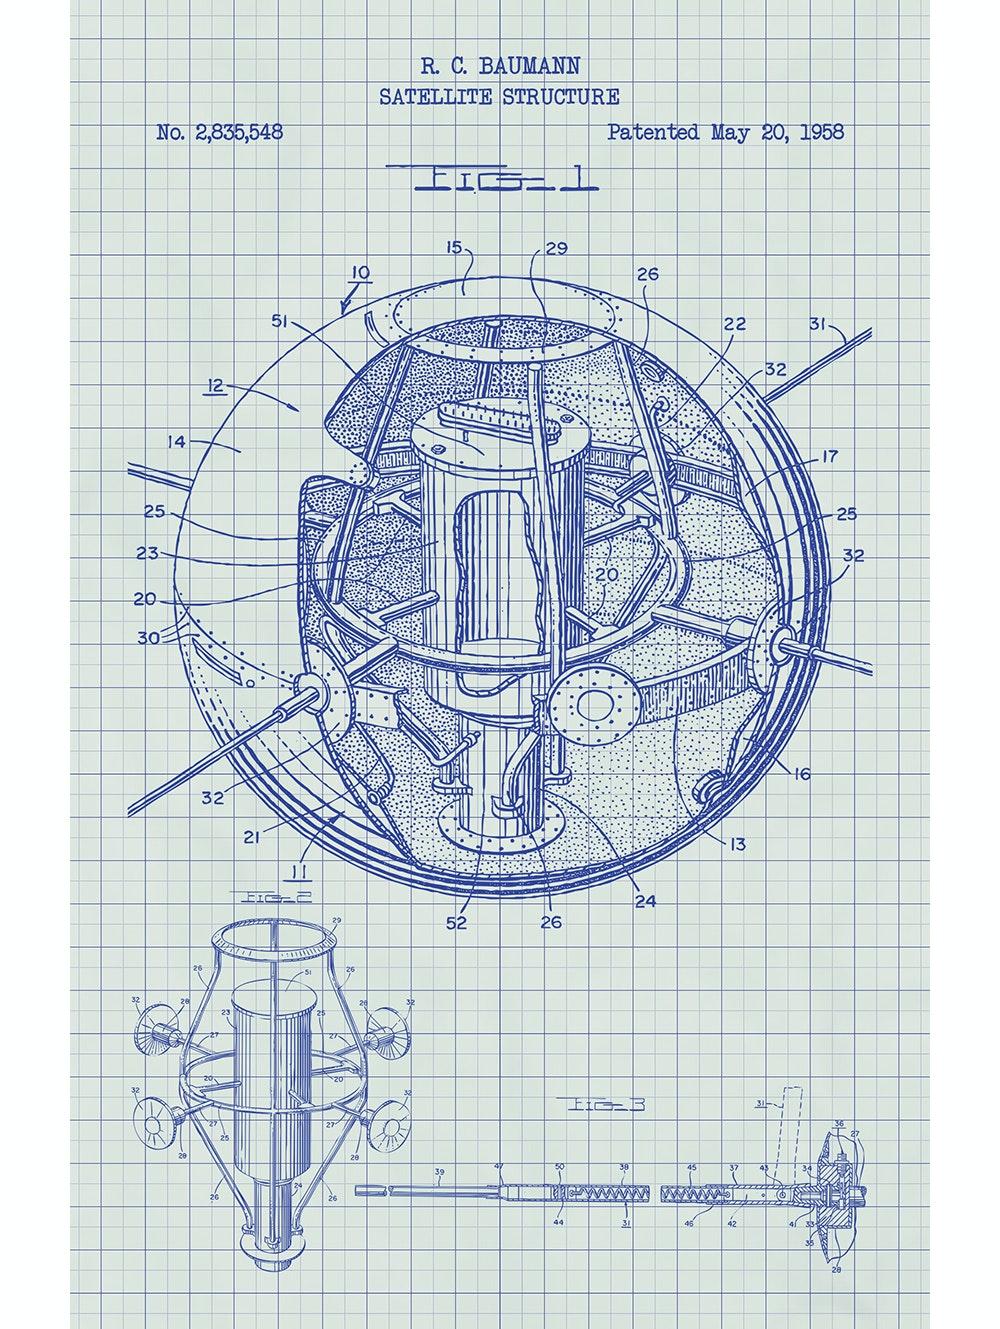 Satellite Structure